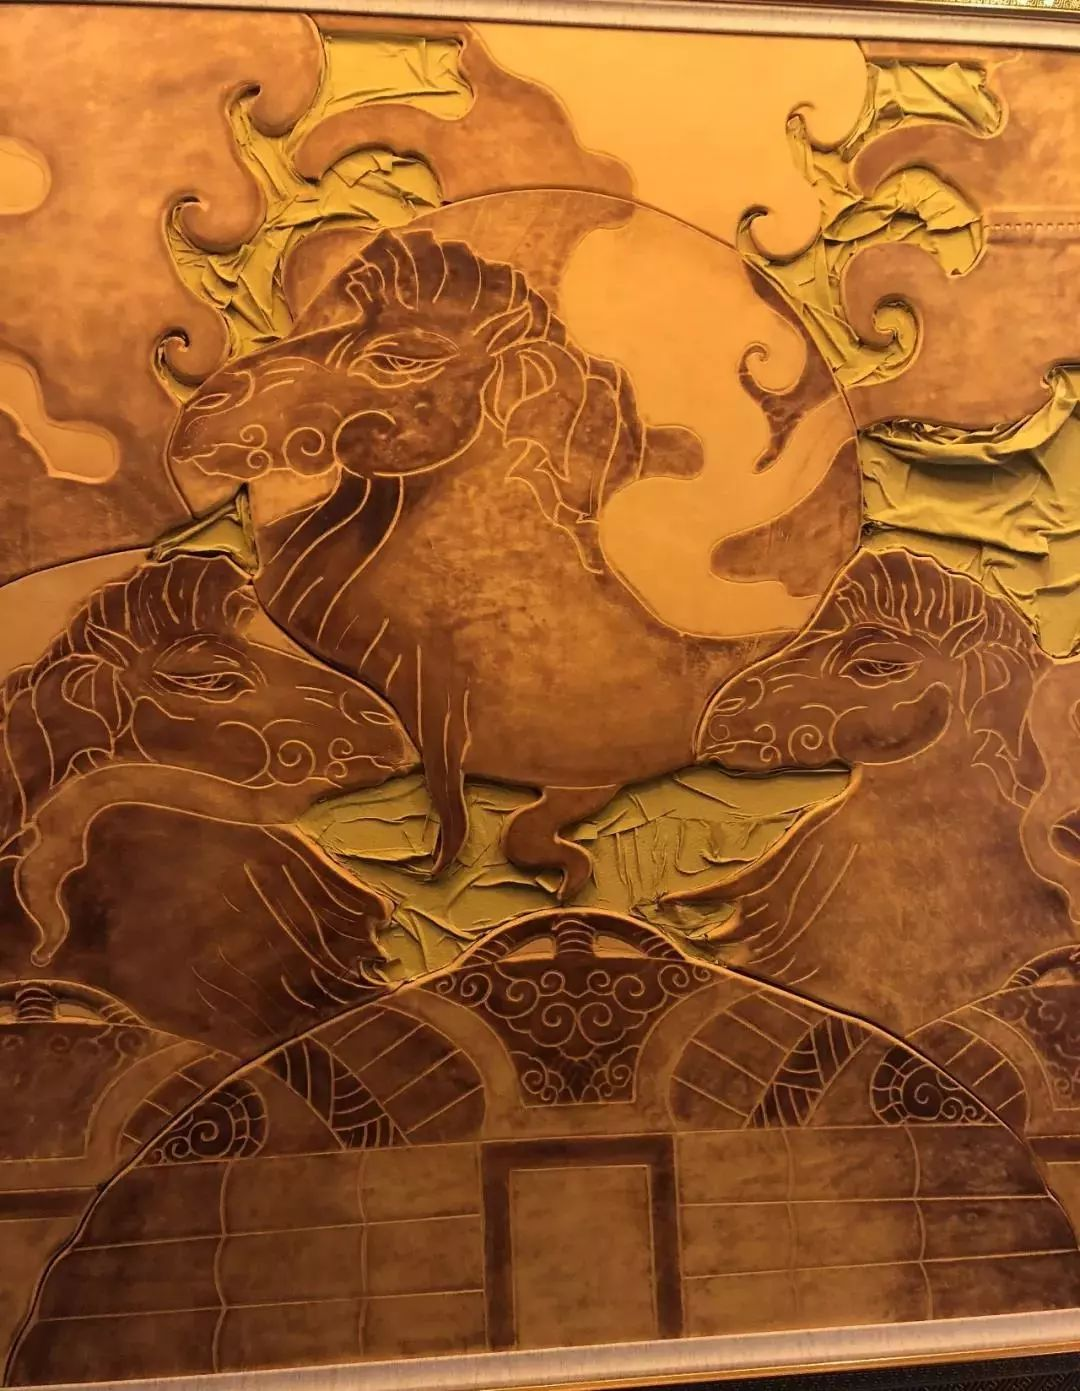 【蒙古文】阿拉善80后雕刻达人:薄牛皮上雕出3D立体画,啧啧令人称奇 第16张 【蒙古文】阿拉善80后雕刻达人:薄牛皮上雕出3D立体画,啧啧令人称奇 蒙古工艺